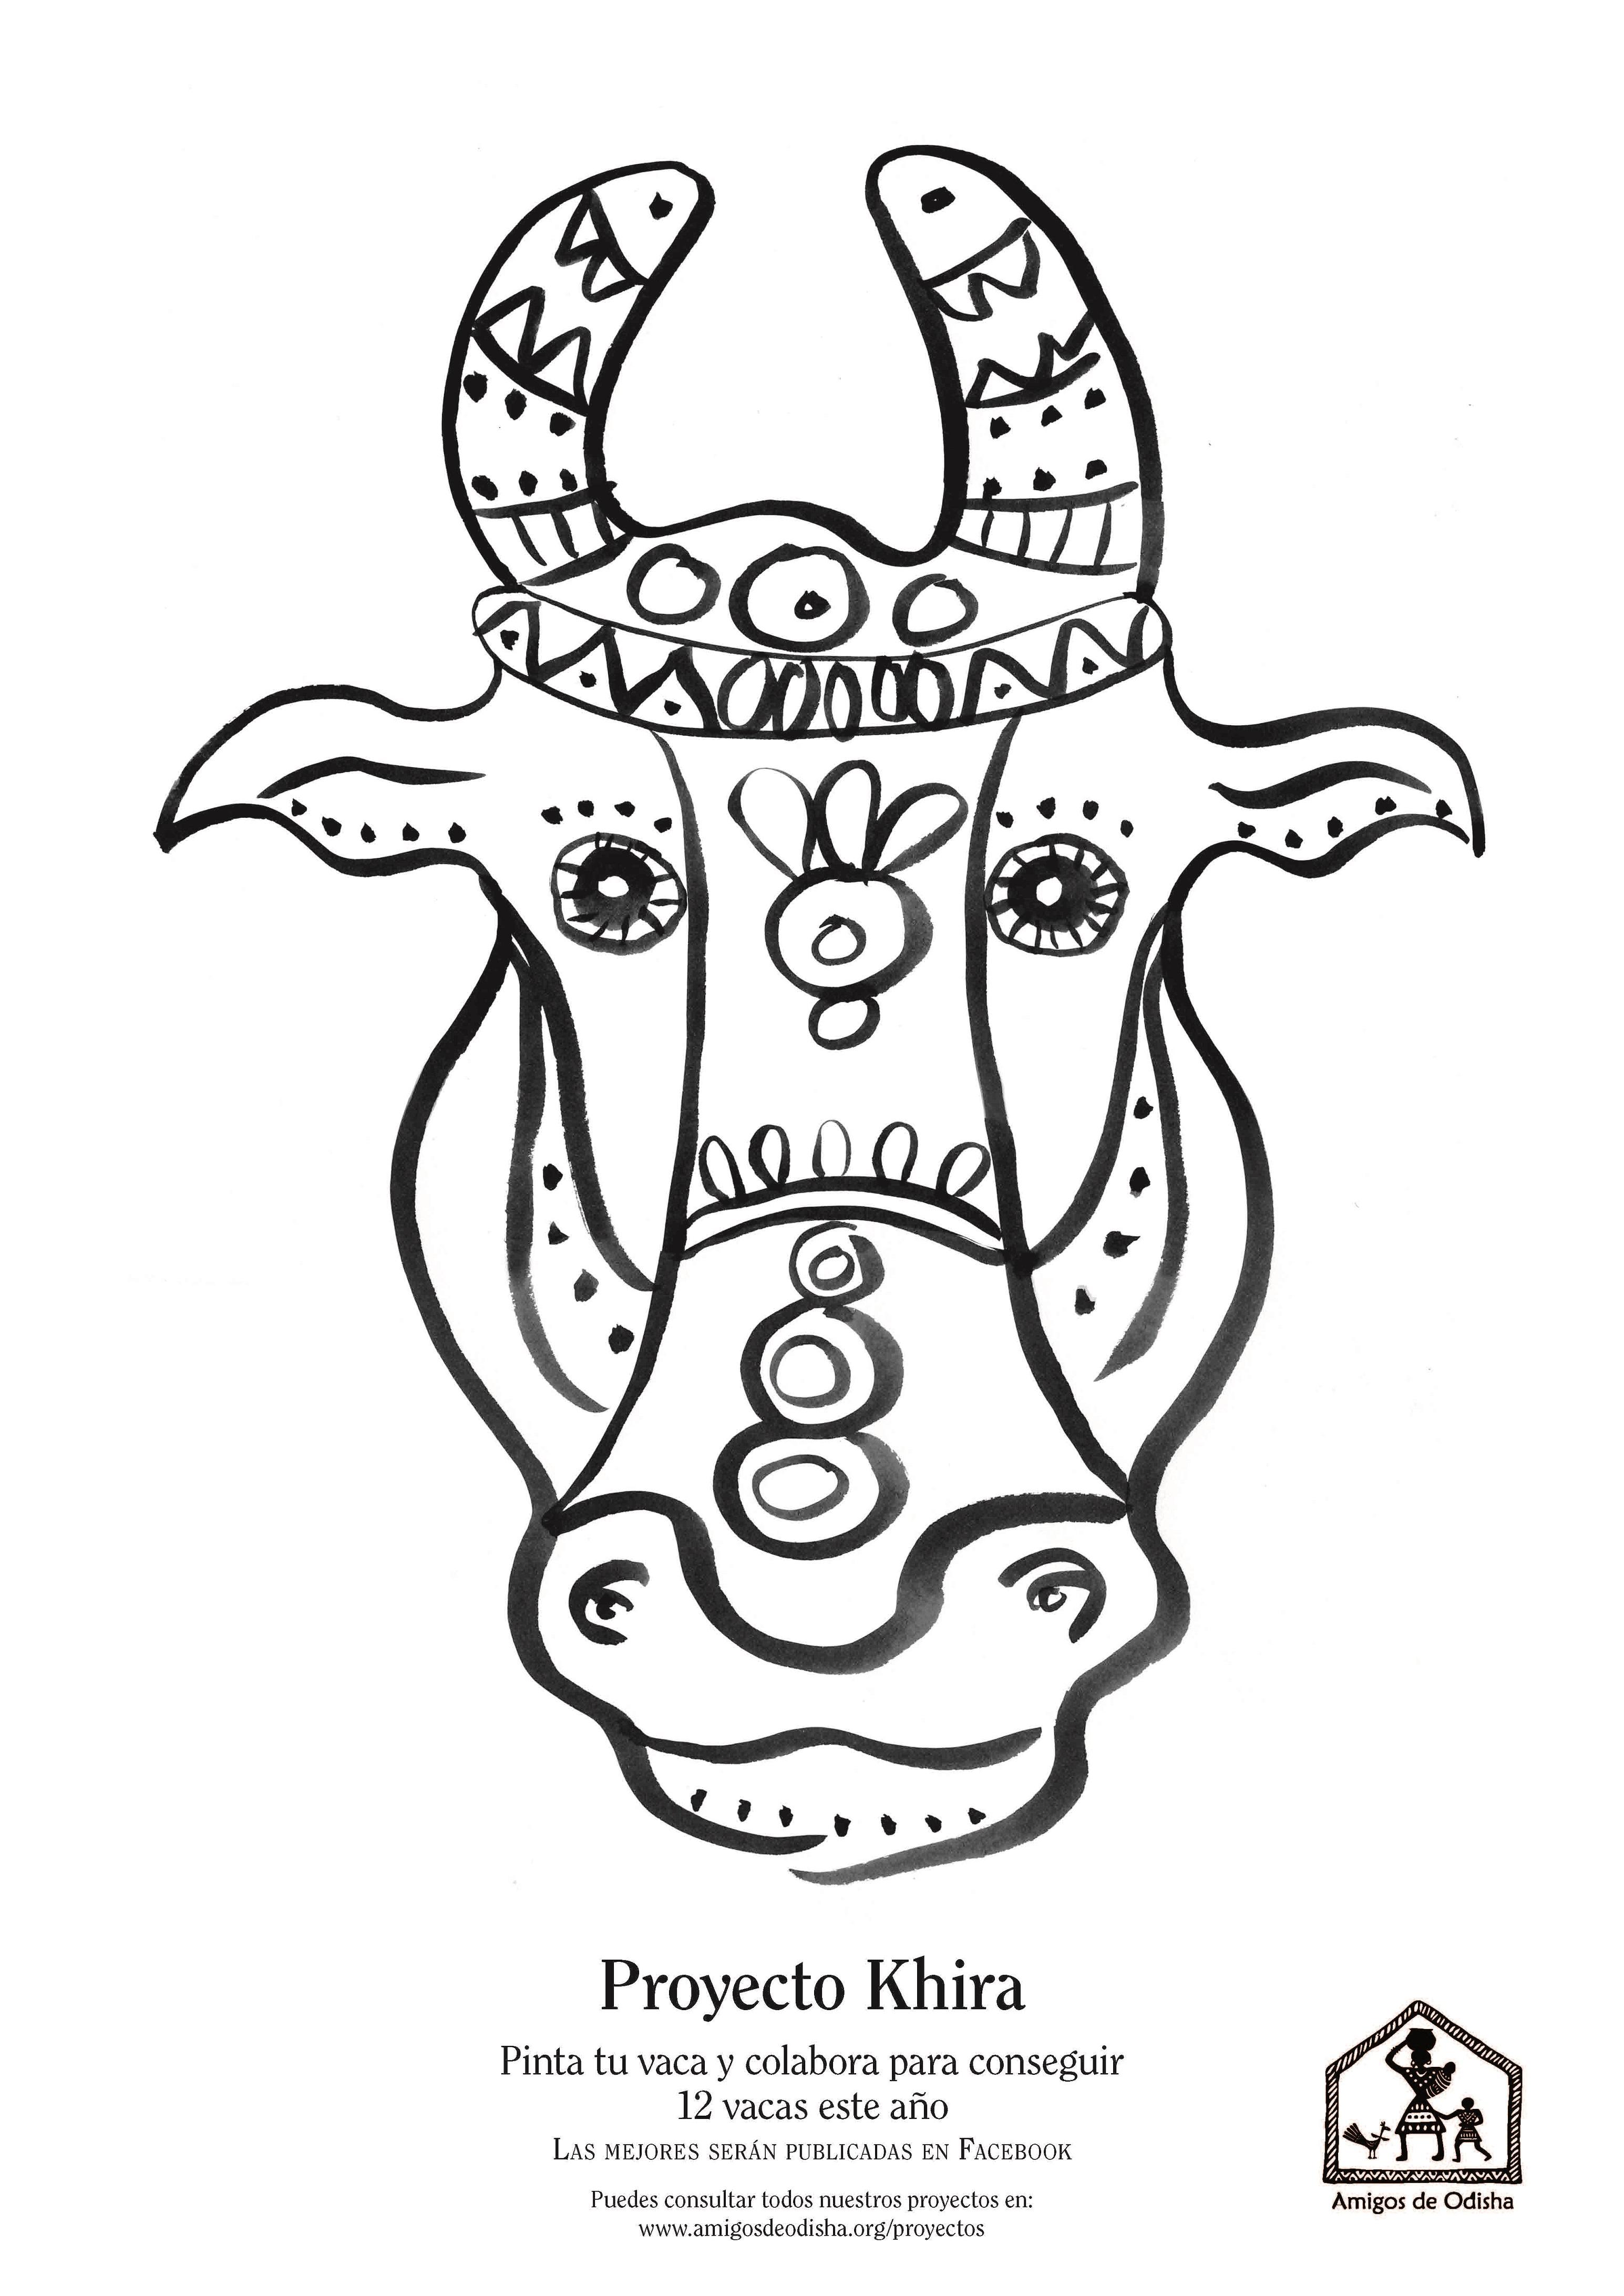 Campaña Pinta tu vaca. Proyecto Khira - Amigos de Odisha